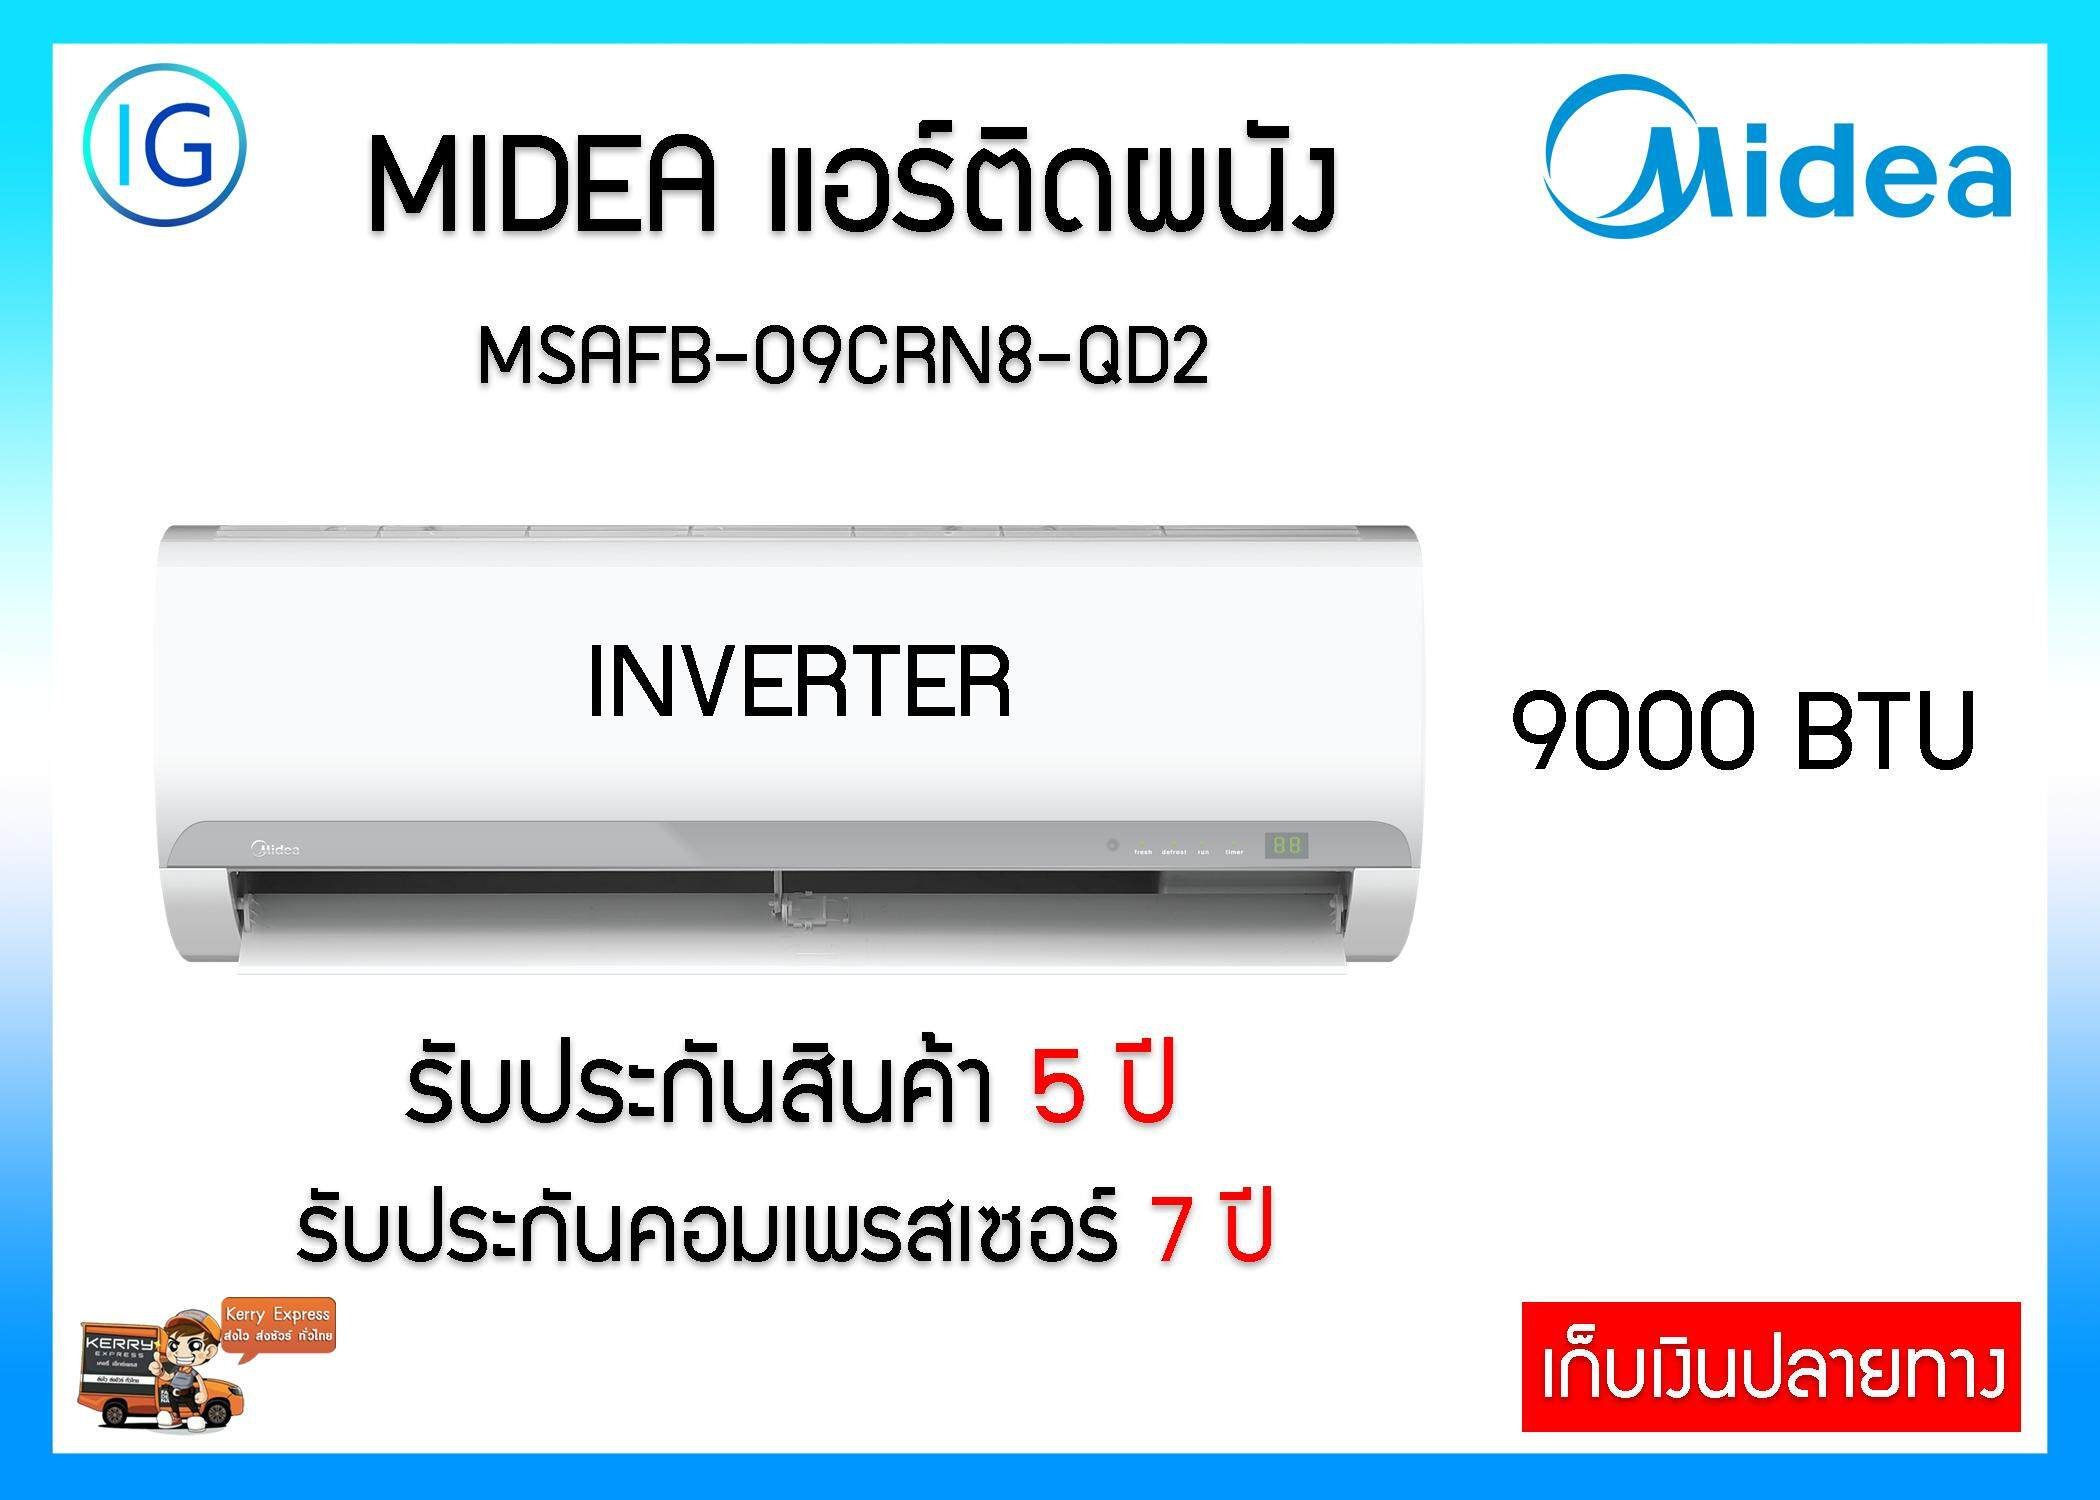 แอร์มีเดีย Midea แบบติดผนัง อินเวอร์เตอร์ Forest Series รุ่น Msafb-09crdn8-Qd2 ขนาด 9,835.23 Btu.